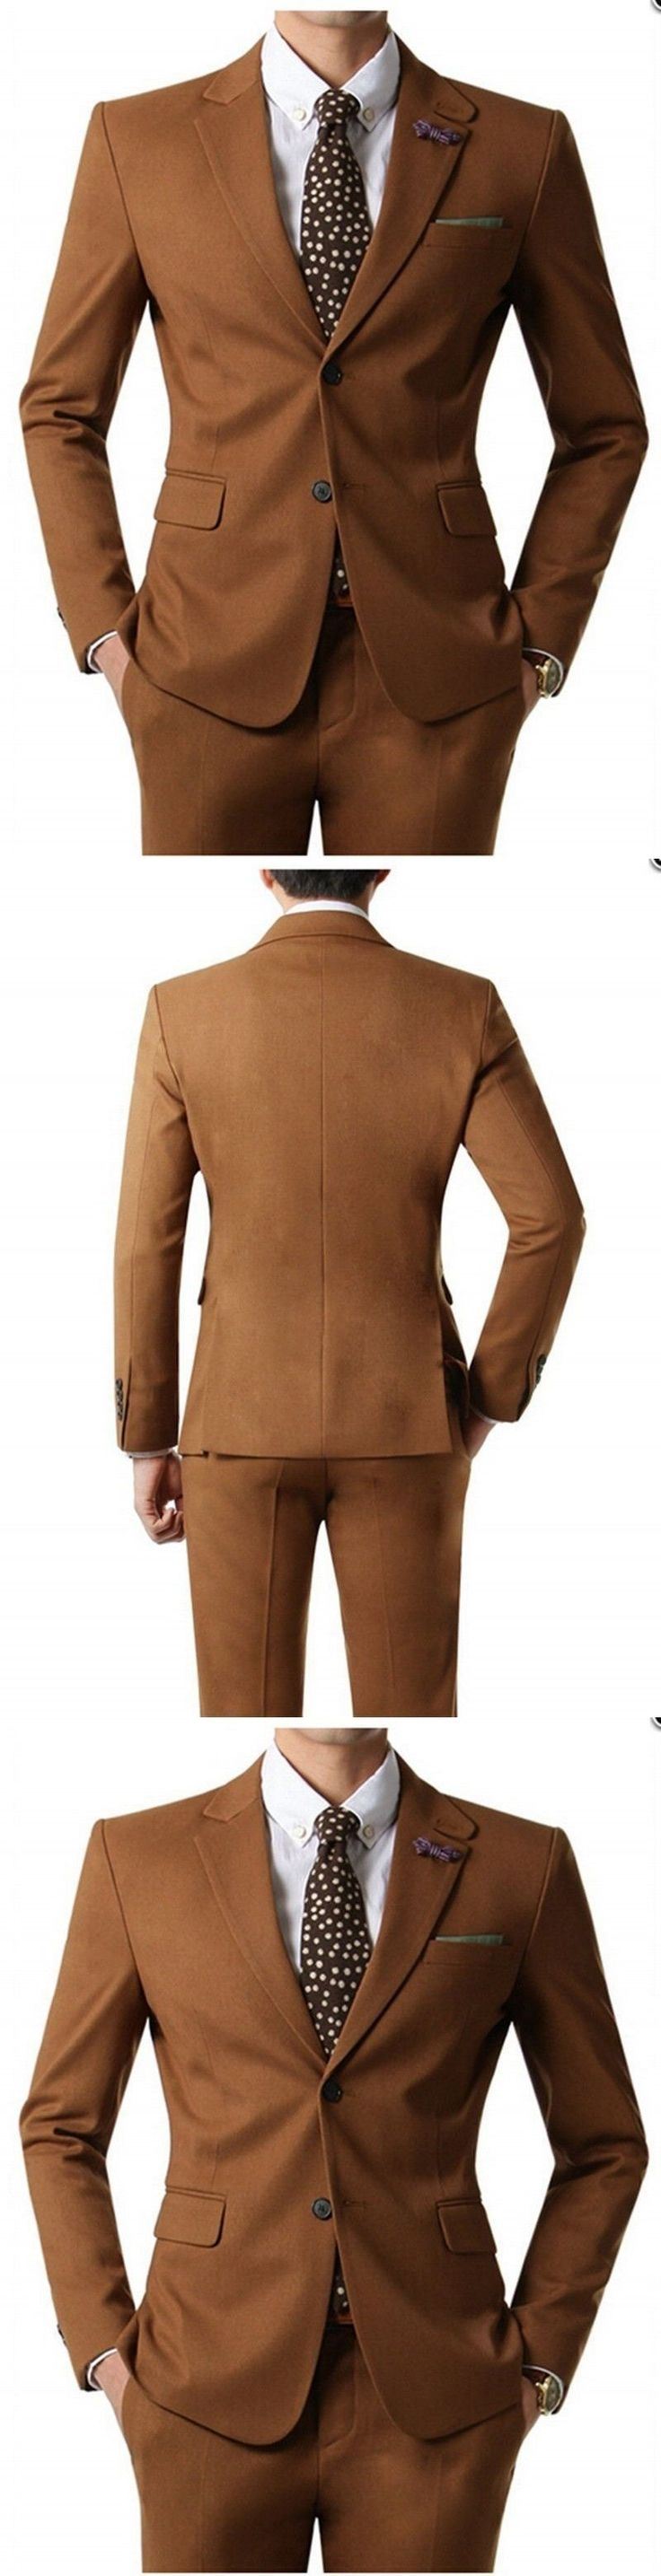 Slim Fit Groomsmen Notch Lapel Groom Tuxedos Brown Mens Suits Wedding Best Man #menweddingsuits #mensuits #mensfitness